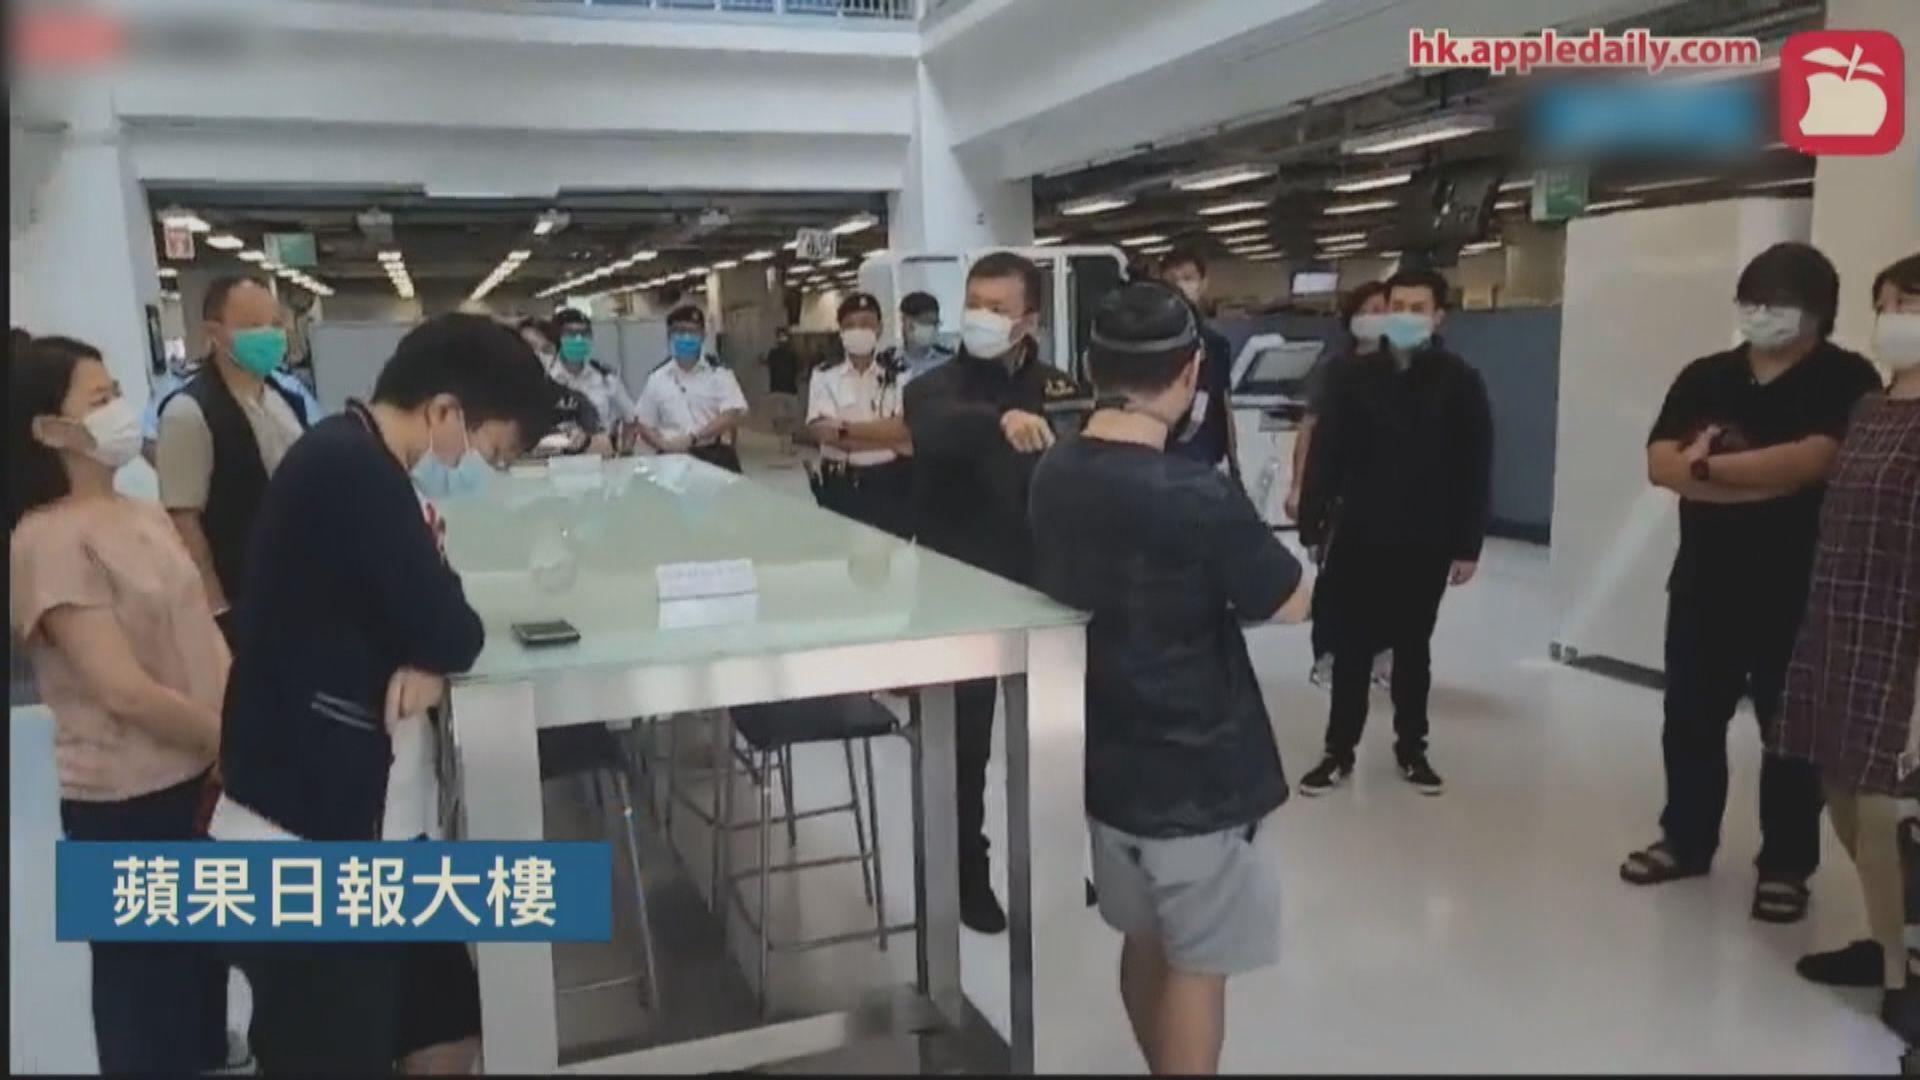 李桂華率警入大樓搜證 壹傳媒管理層一度與警爭執